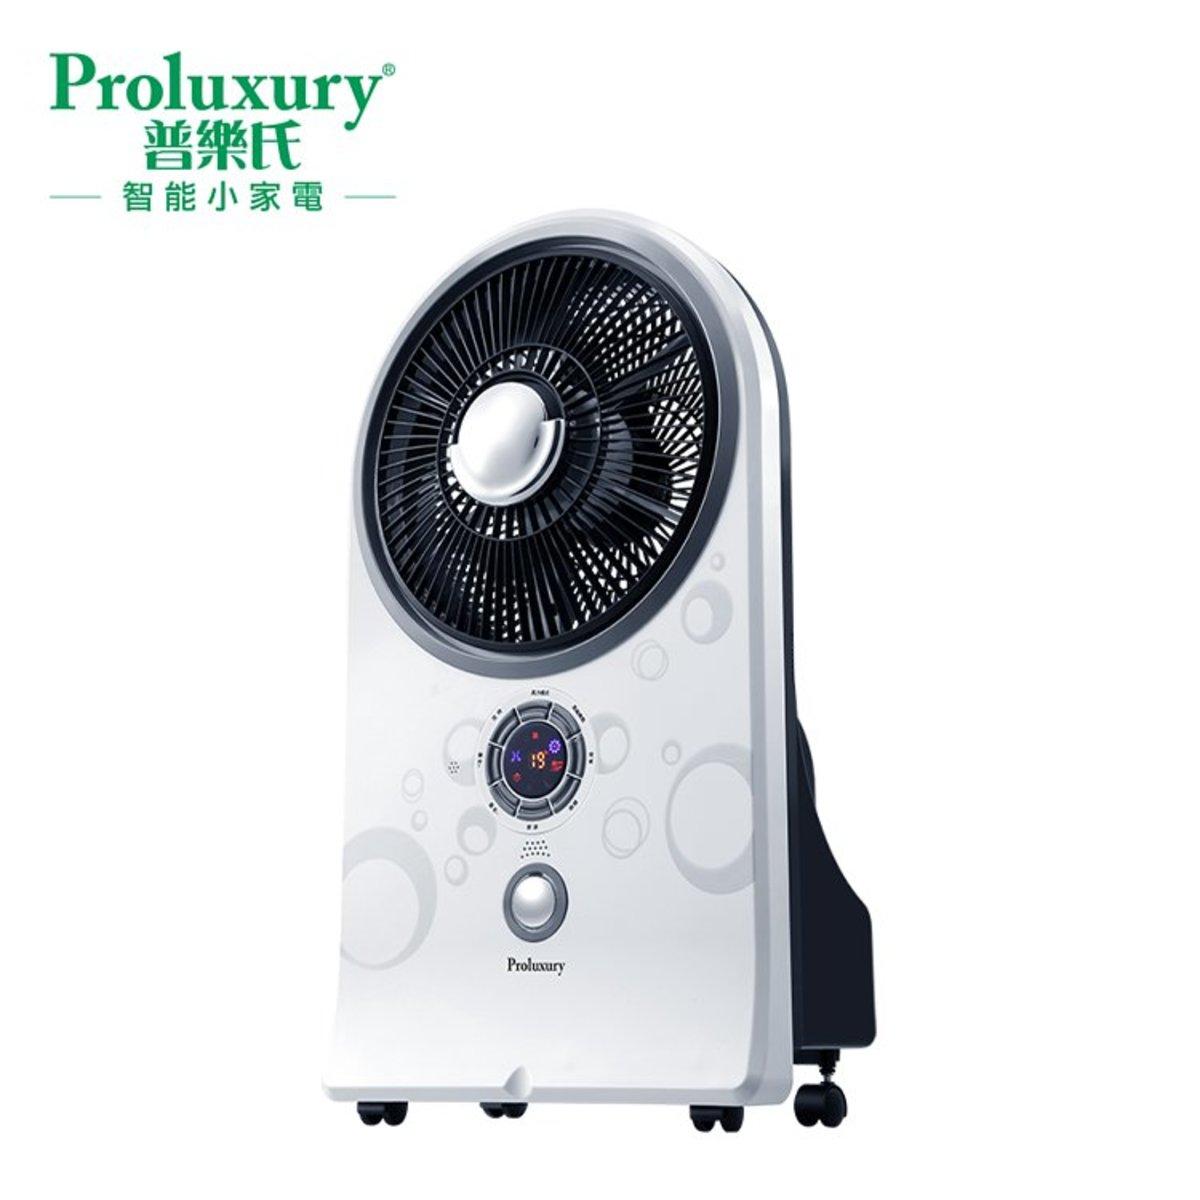 噴霧電風扇 (PMF003002)